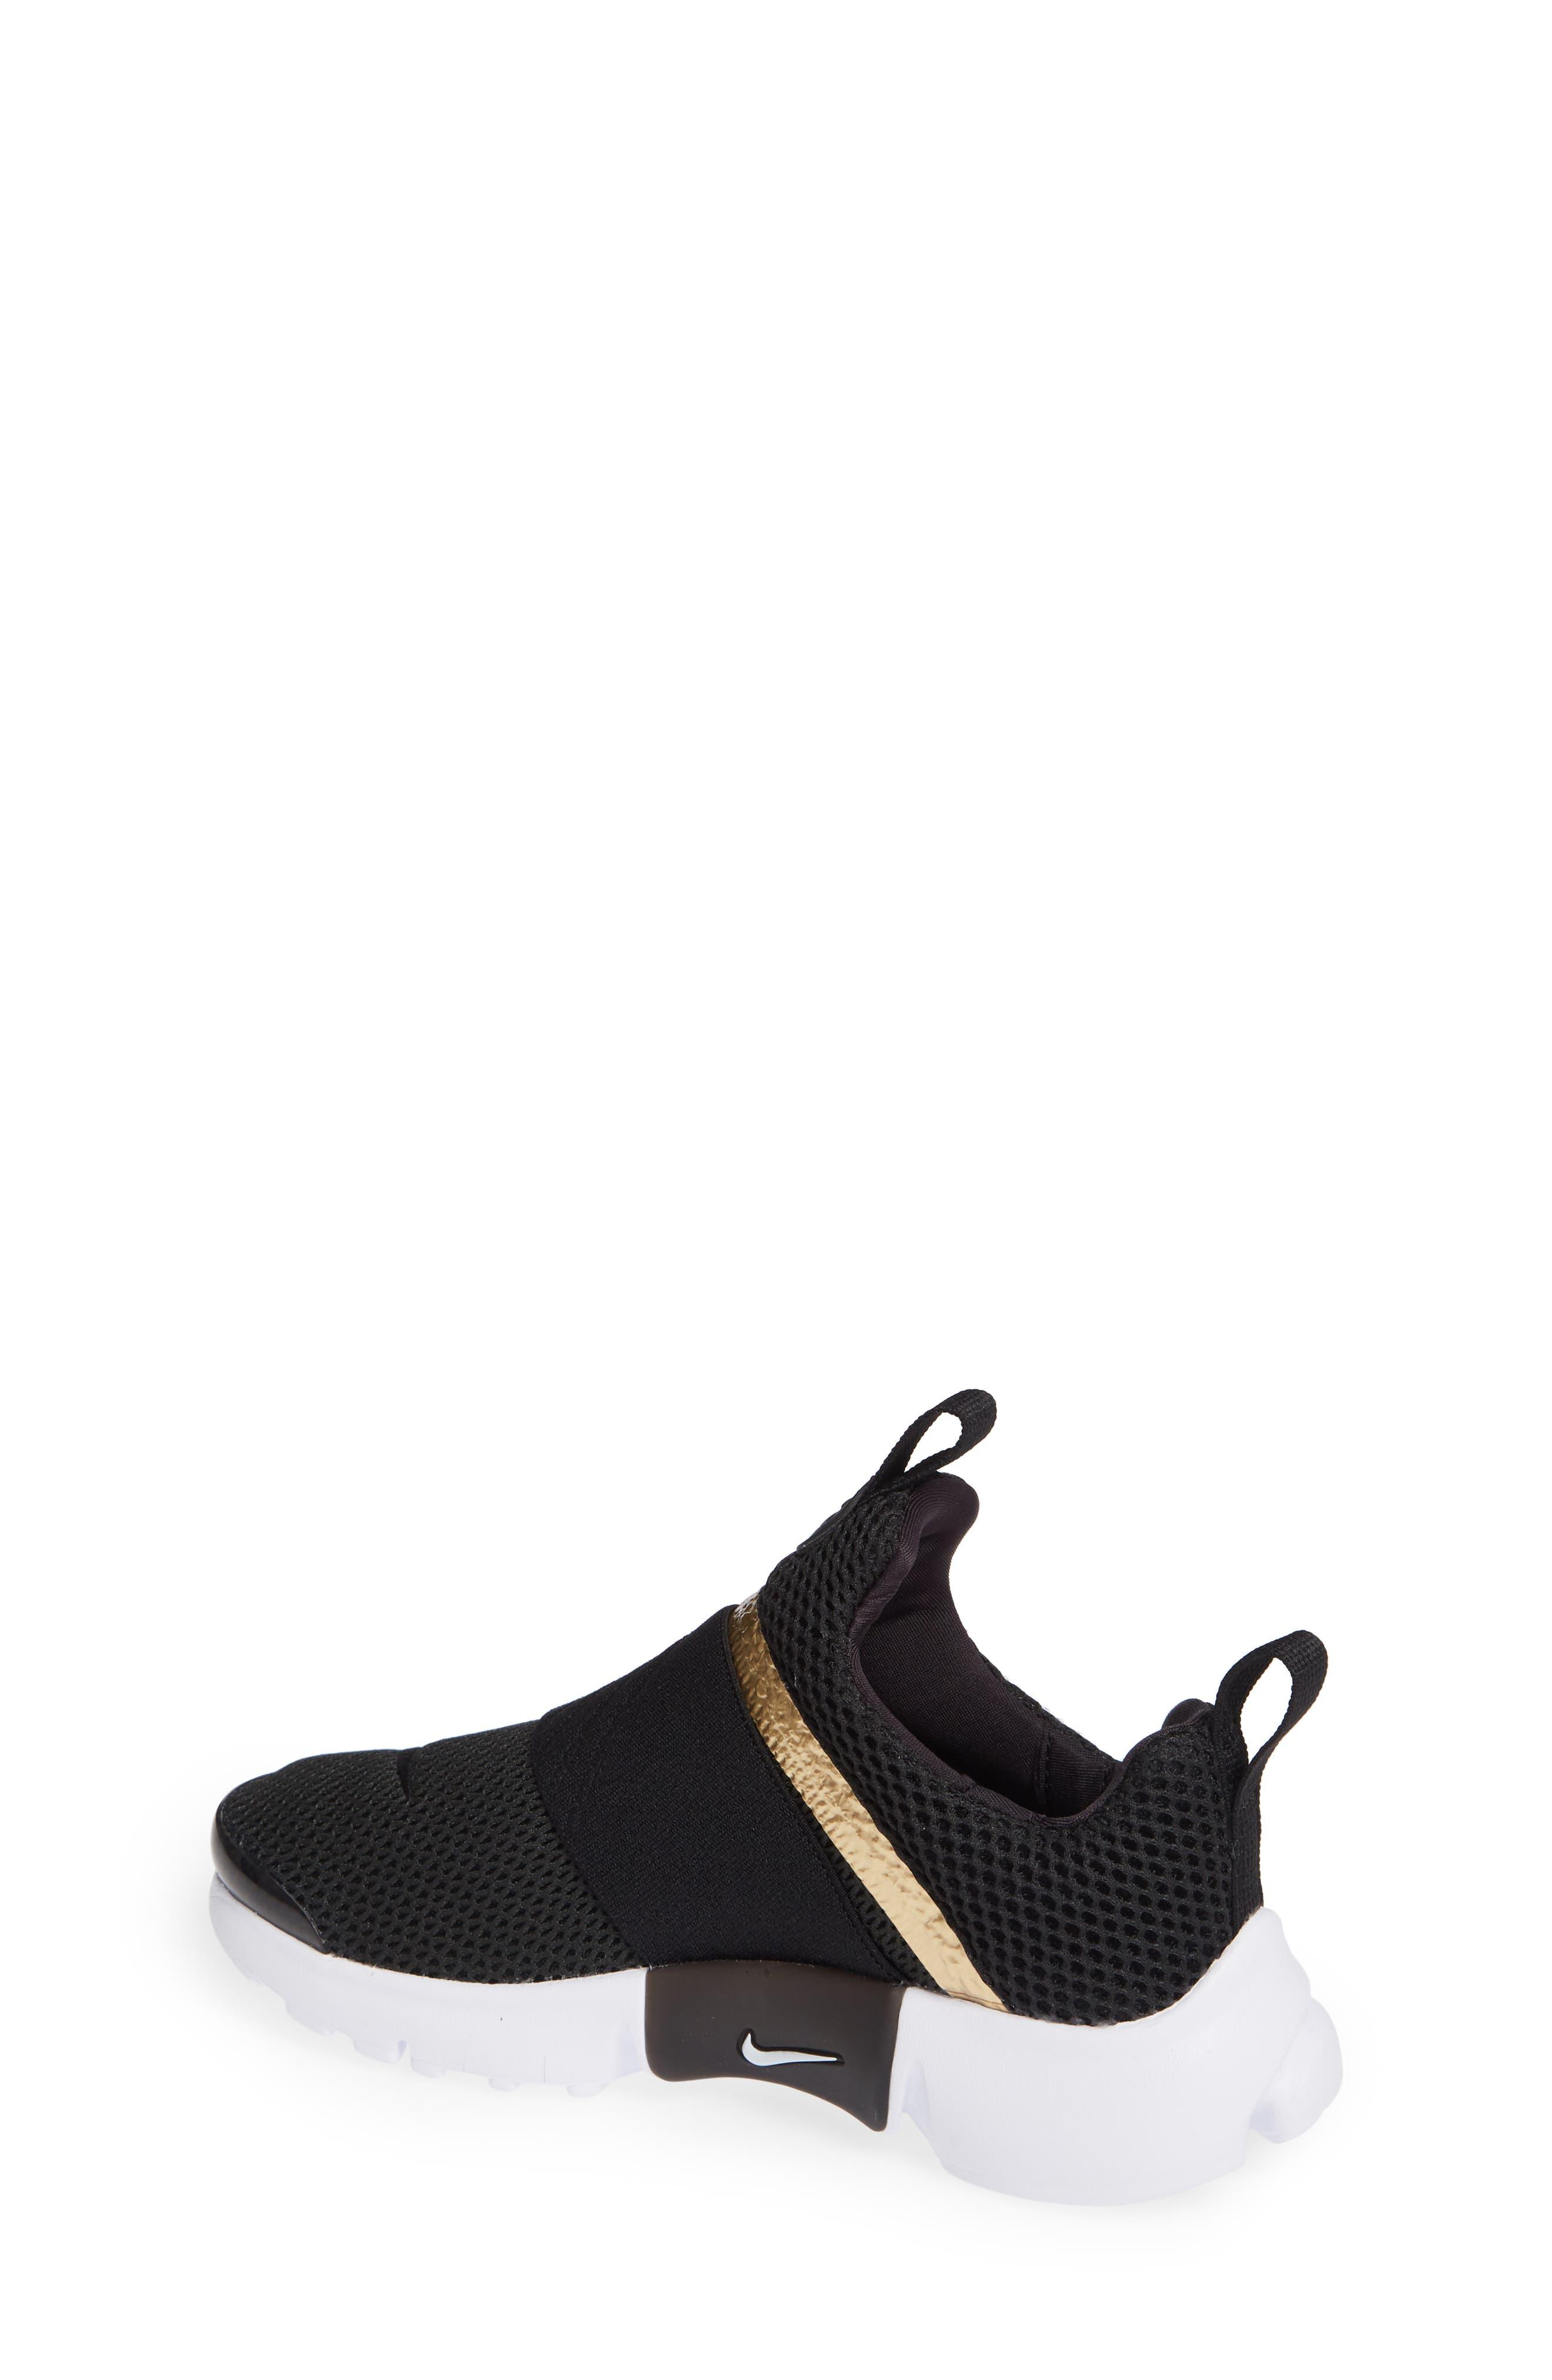 Presto Extreme Sneaker,                             Alternate thumbnail 2, color,                             Black/ Metallic Gold/ White